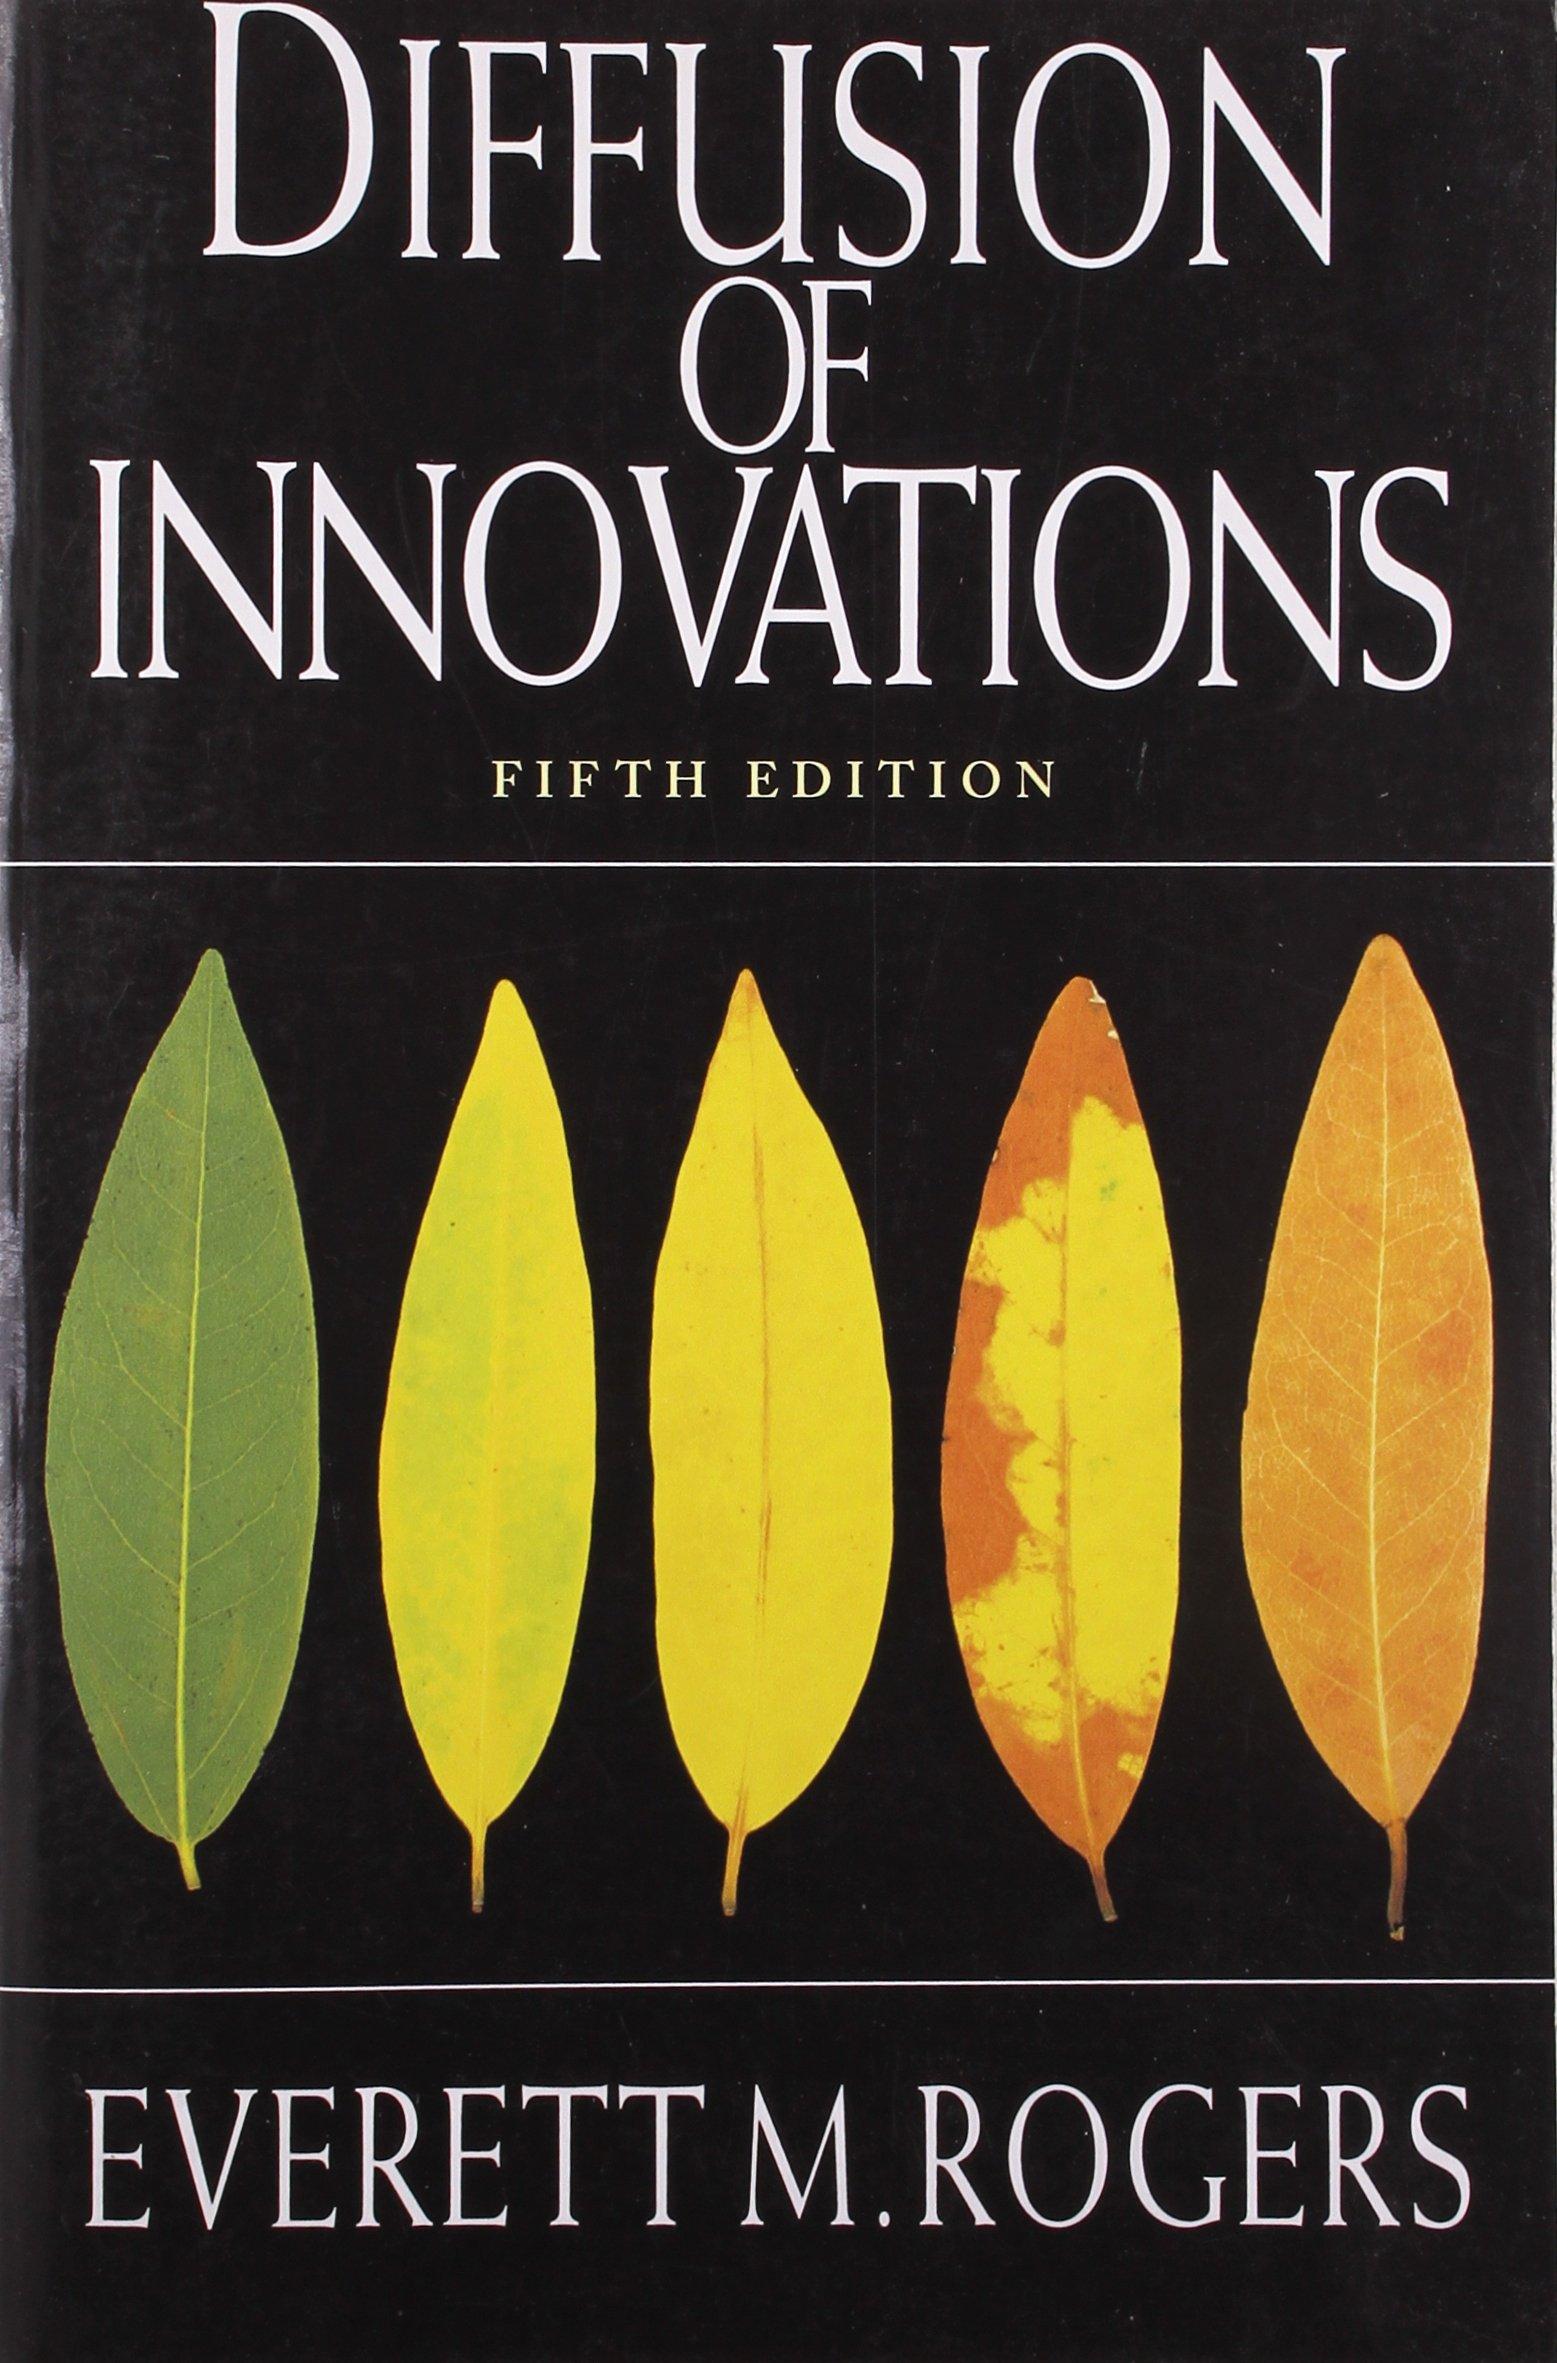 diffusion of innovation.jpg